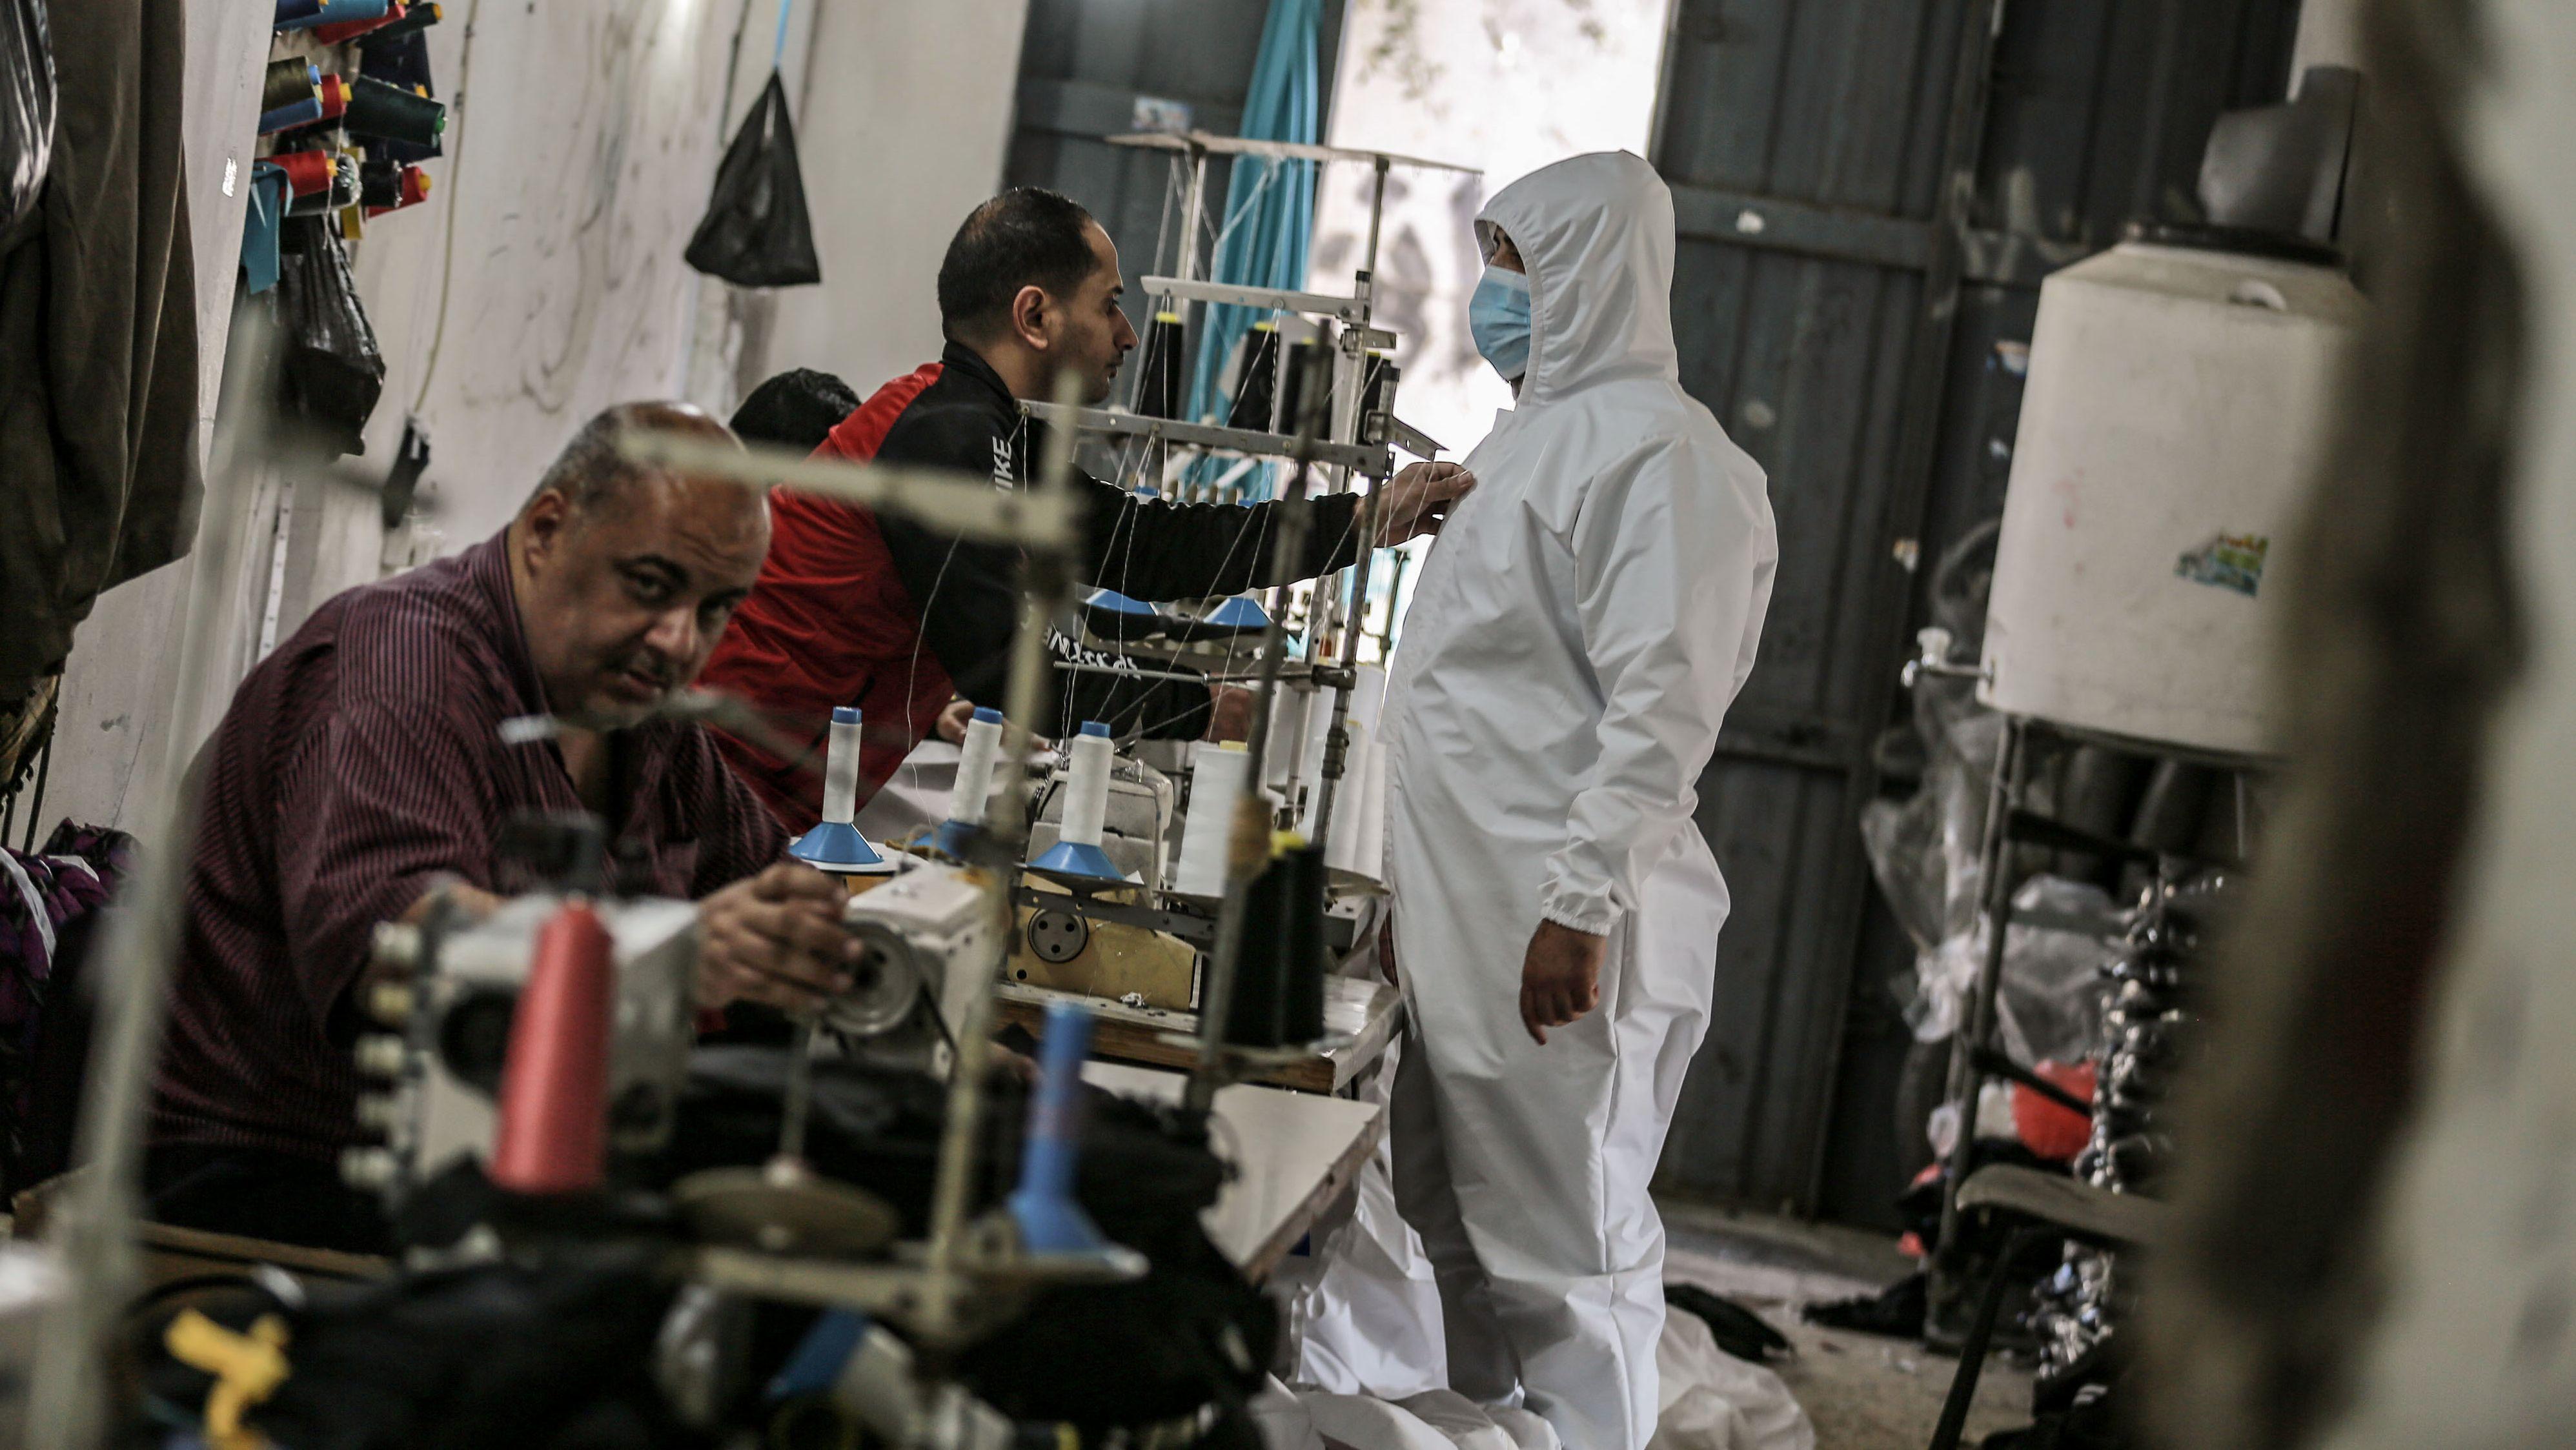 Im Gazastreifen haben sich die Bewohner und Fabrikbesitzer auf die Herstellung von Schutzausrüstung spezialisiert.